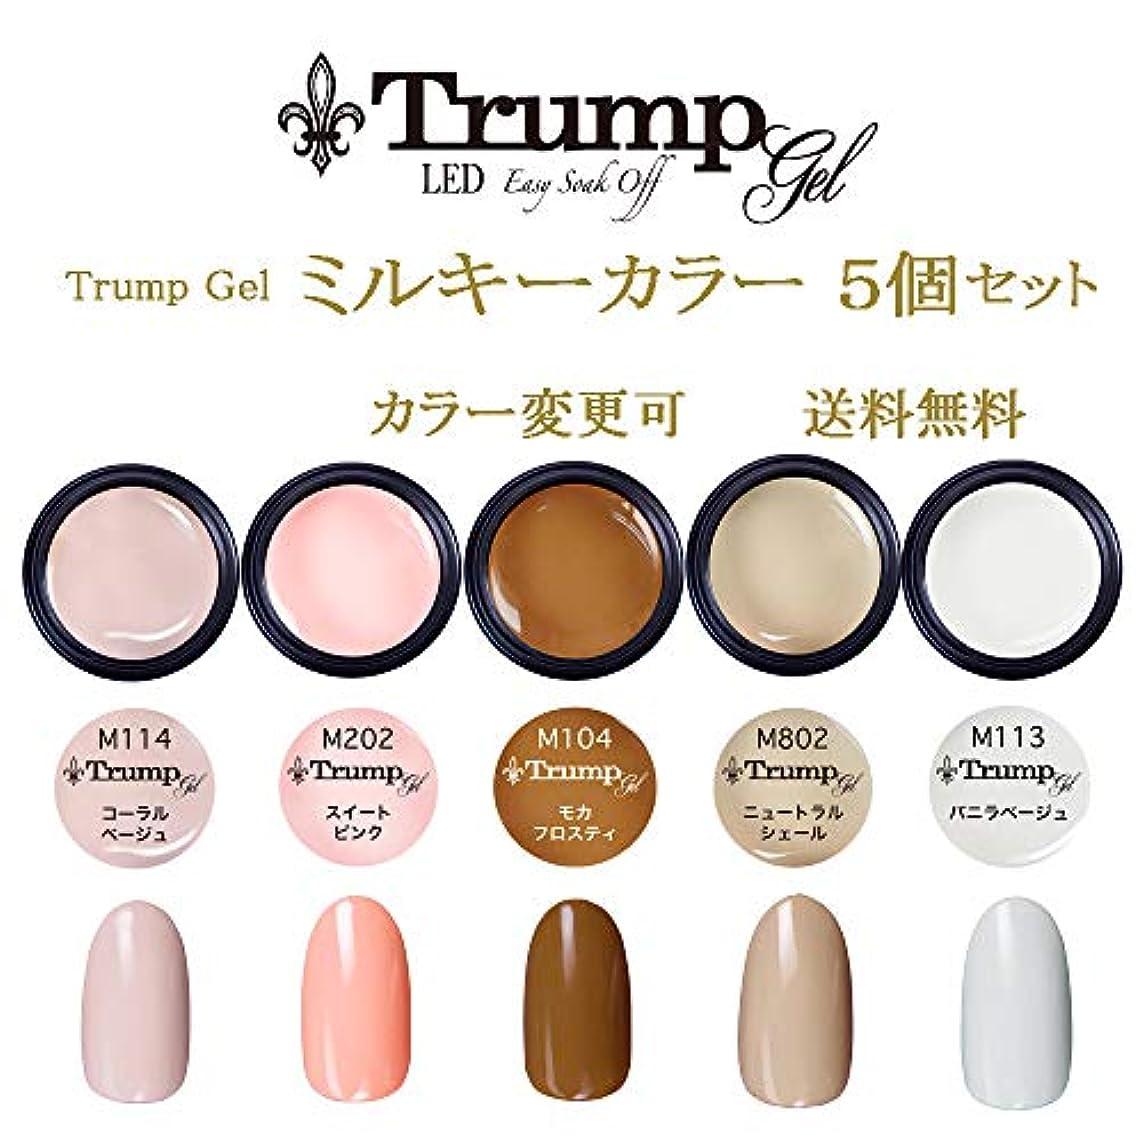 リッチあいにくリッチ【送料無料】日本製 Trump gel トランプジェル ミルキーカラー 選べる カラージェル 5個セット ミルキーネイル ベージュ ピンク ミルキー カラー